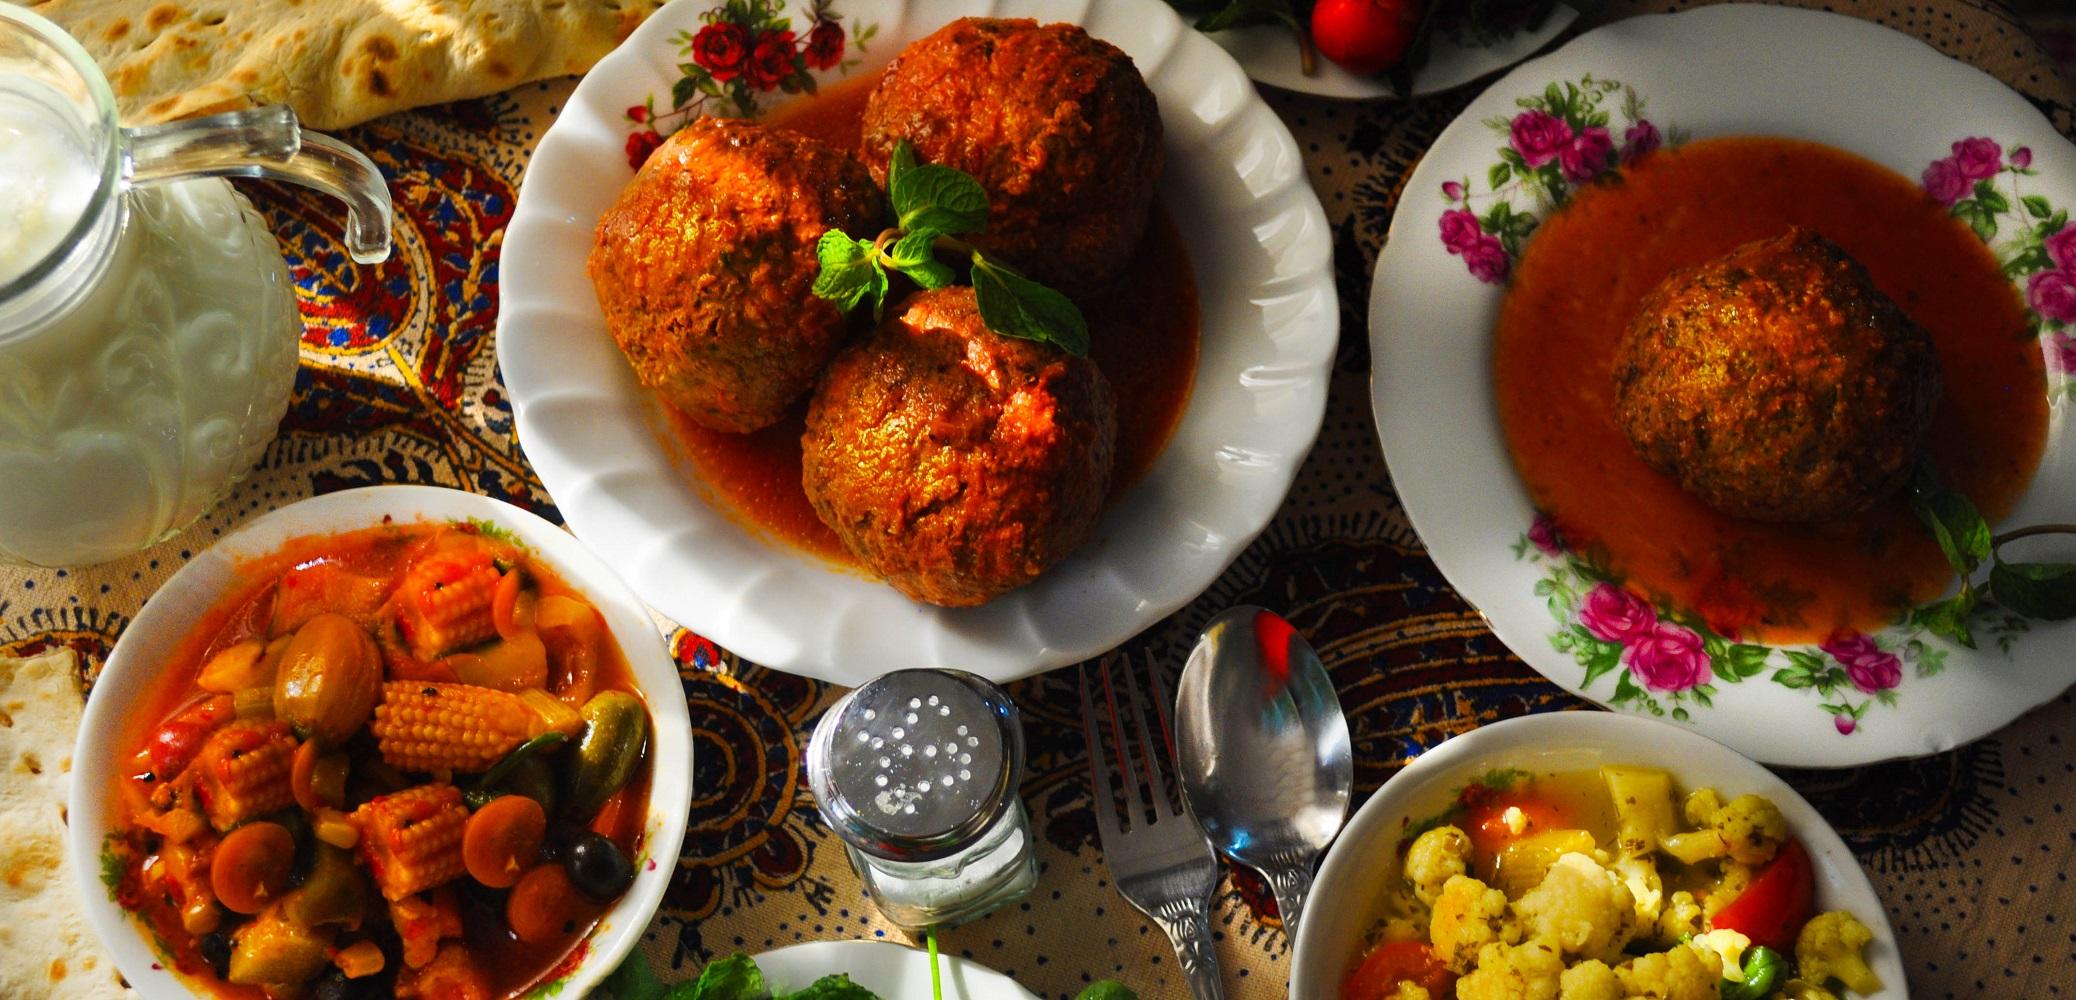 غذاهای تبریز ، طعم فراموش نشدنی غذاهایی از آذربایجان